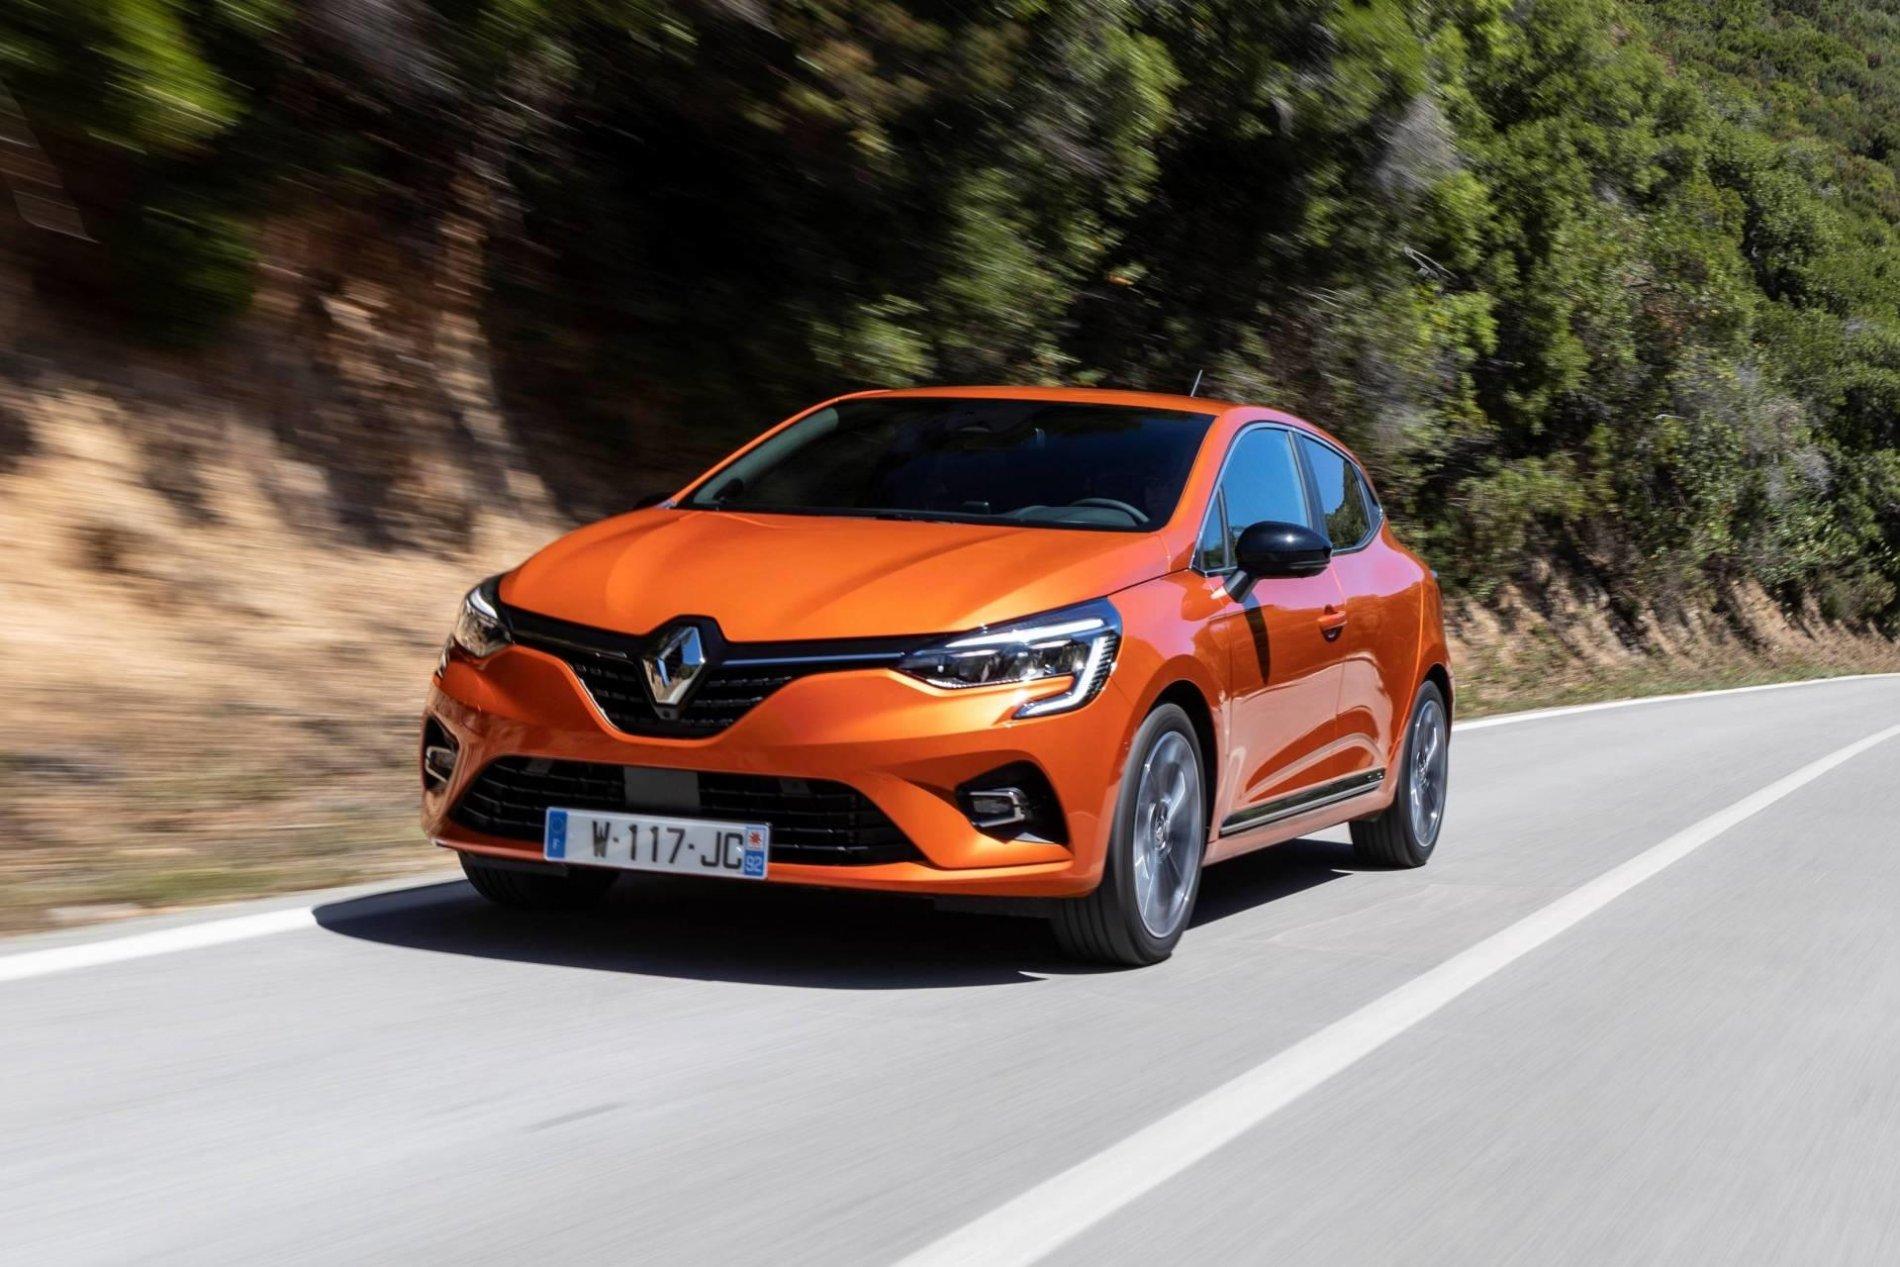 2020 Renault Clio - 2020 Renault Clio